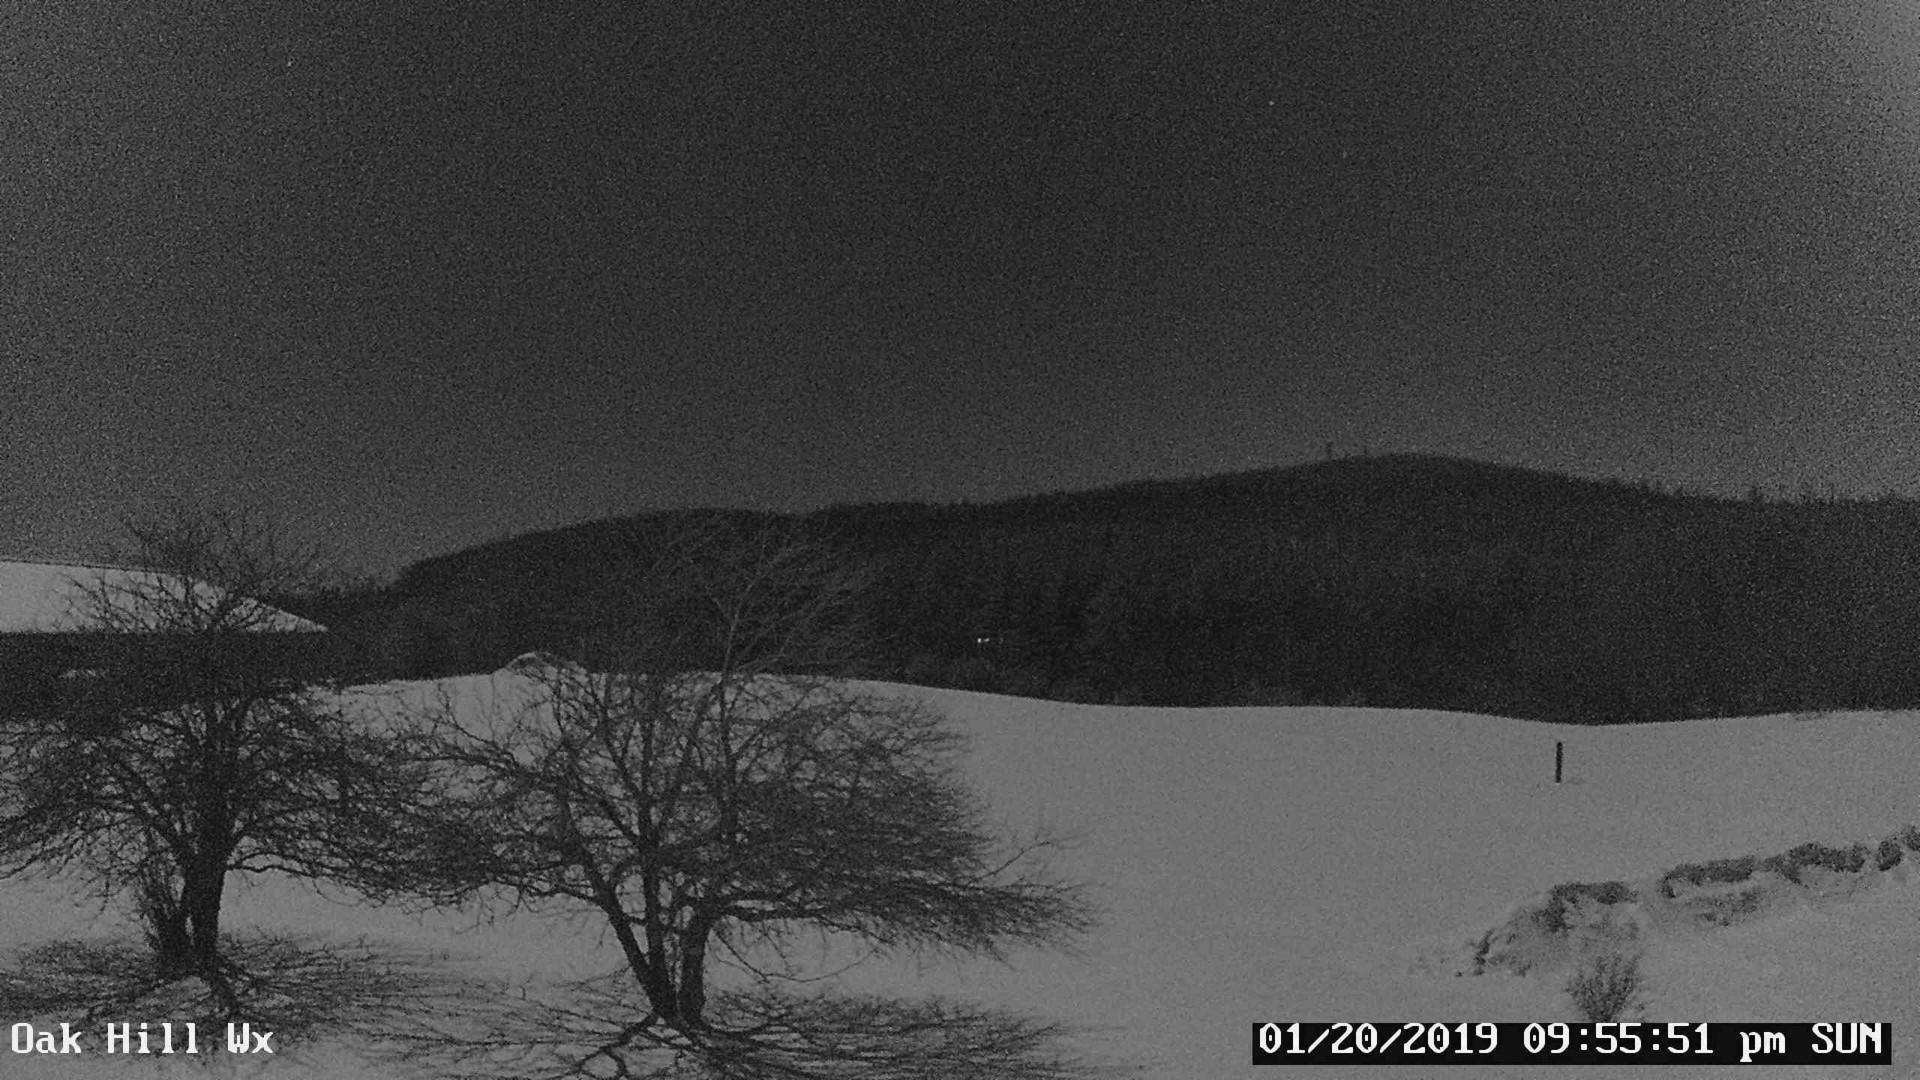 lunar_eclipse time-lapse clip from webcam 'Oak Hill Wx